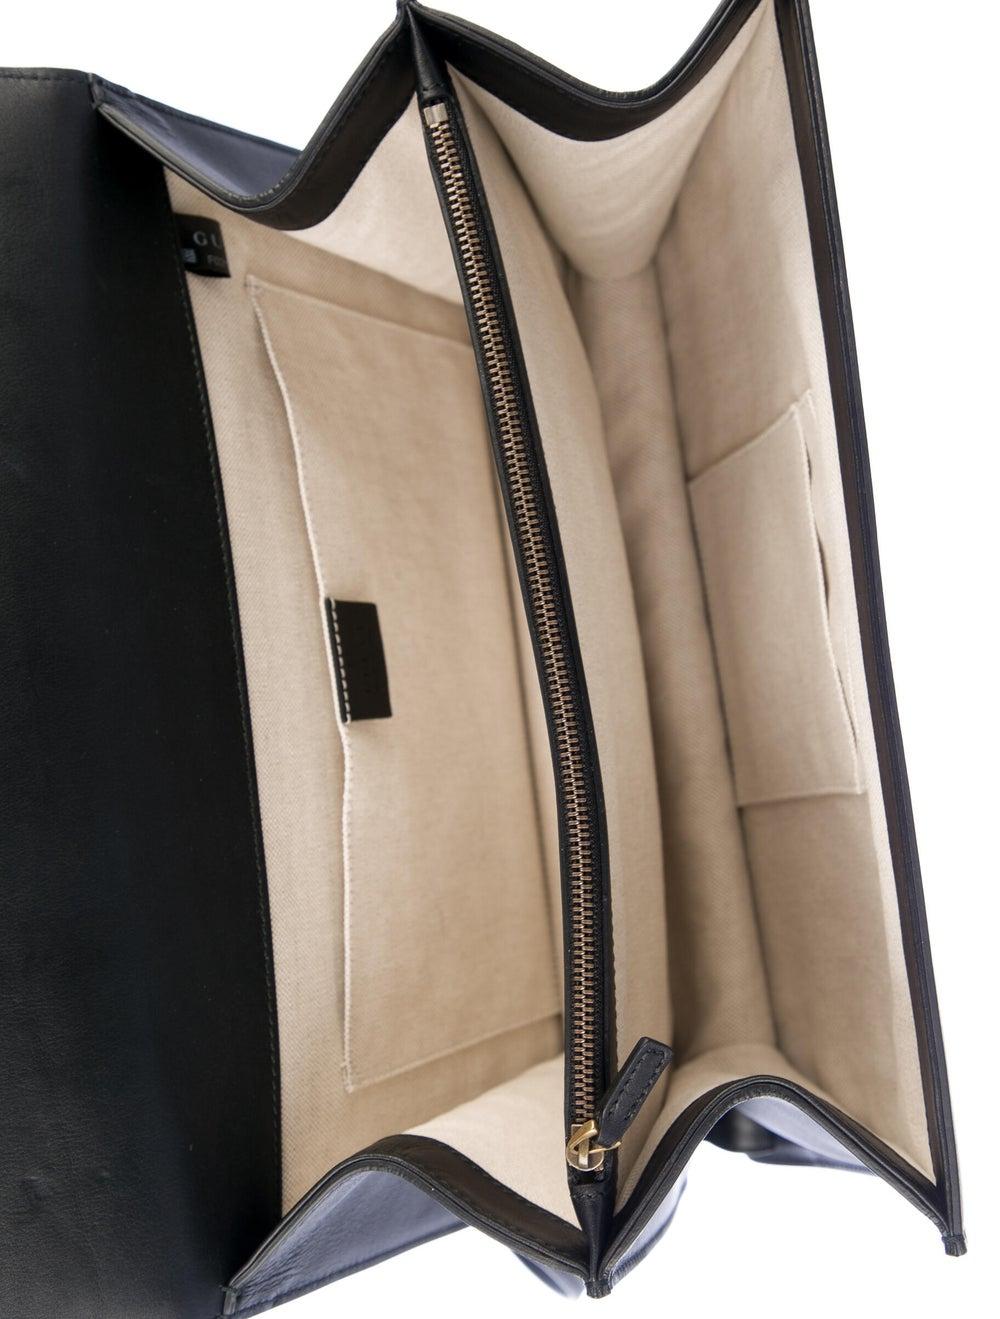 Gucci Large Dionysus Bamboo Handle Bag Black - image 5